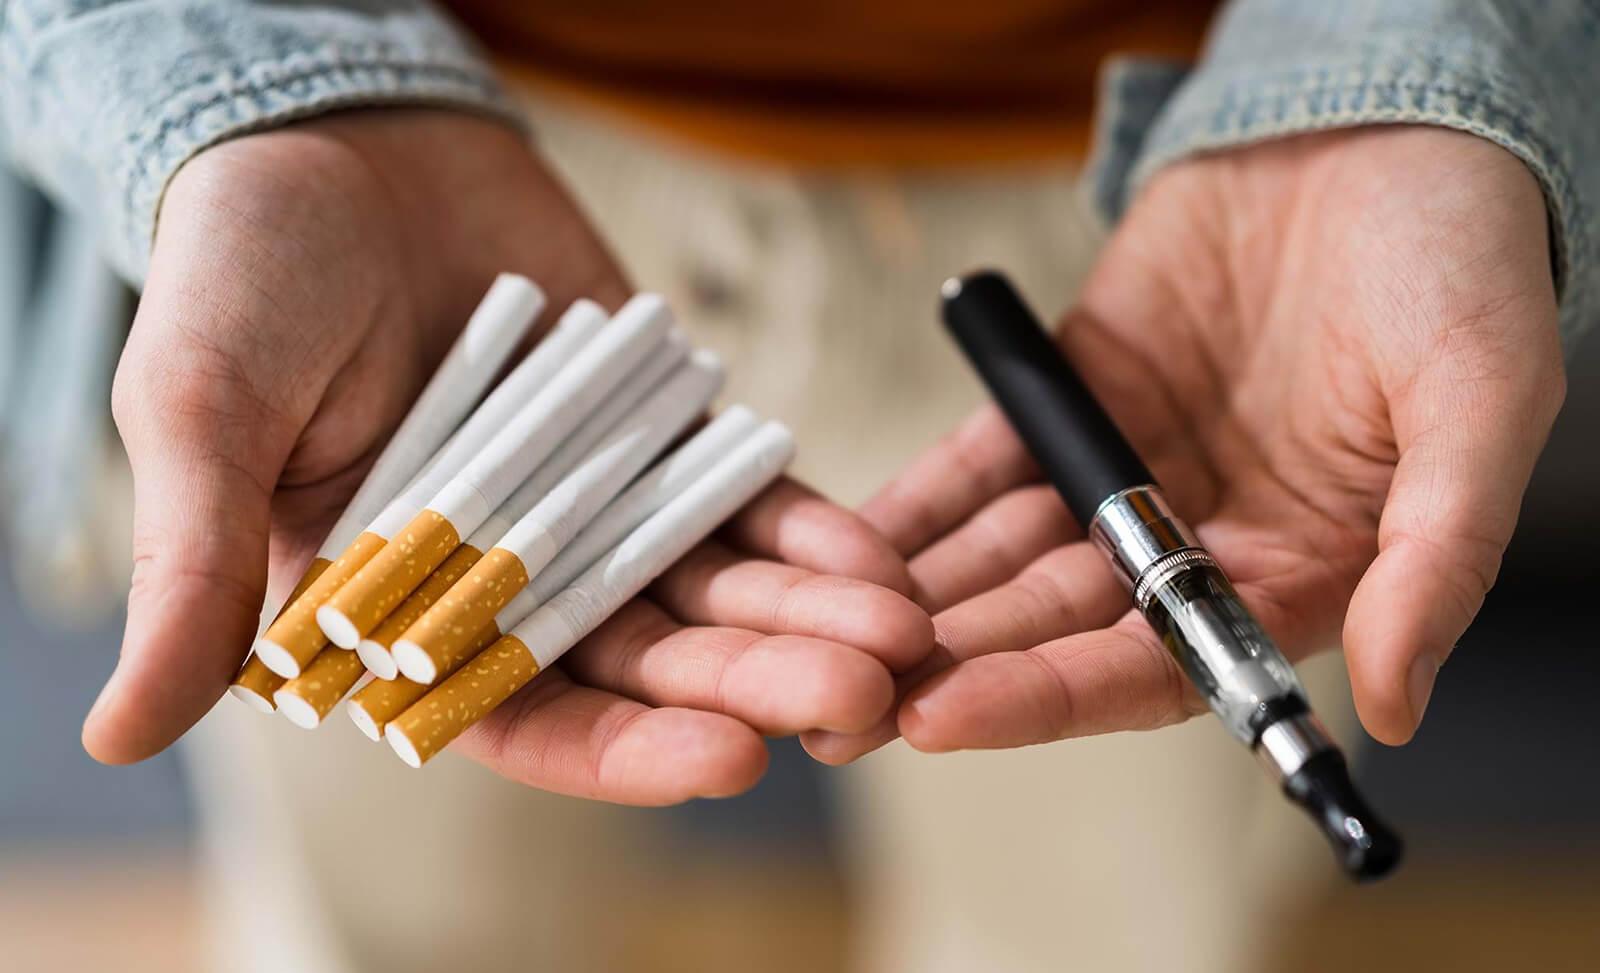 Pragmatismo y dejar de fumar: el papel de la reducción de daños en la creación de sociedades libres de humo más saludables